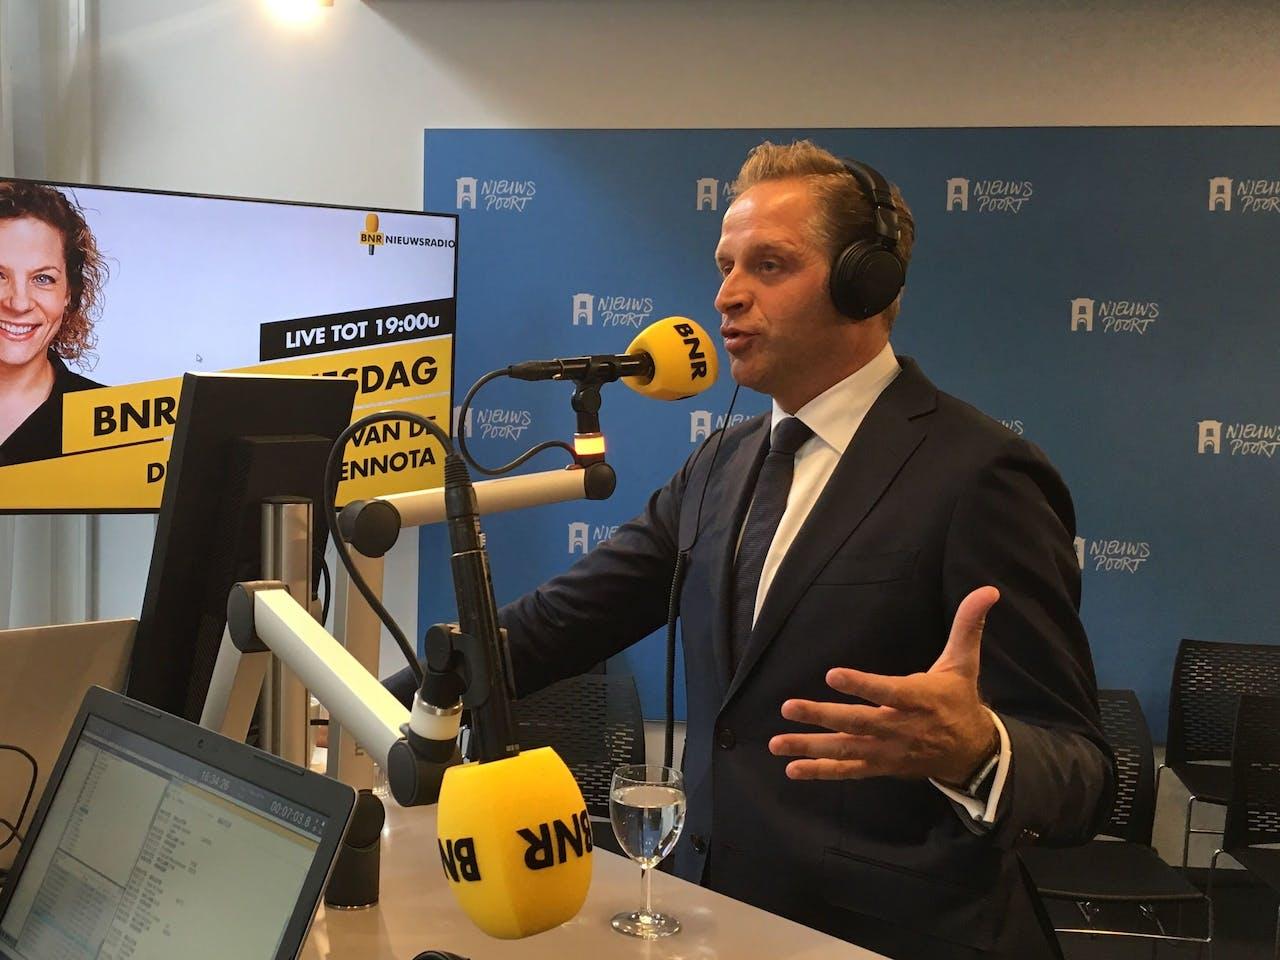 Hugo de Jonge, minister van Volksgezondheid, Welzijn en Sport, zegt dat de vraag naar zorg enorm gaat groeien door de stijgende levensverwachting.